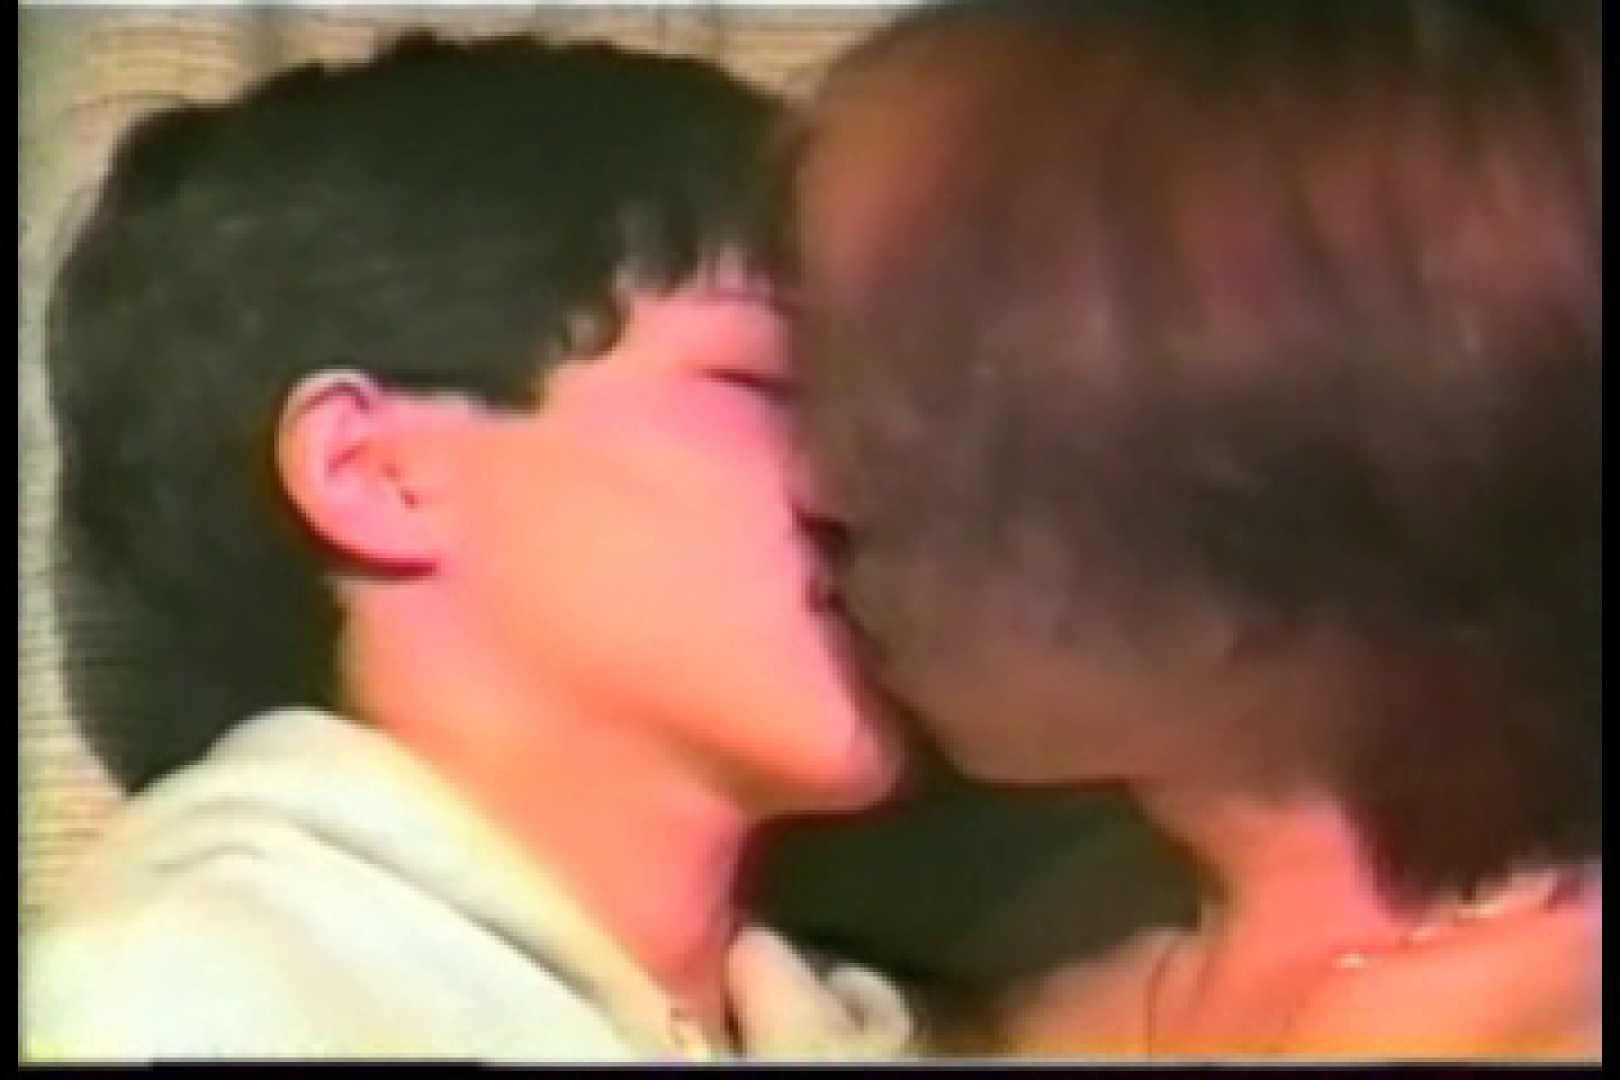 【個人撮影】ひろしと雅人!凄いぞ!やりすぎだぜ! 手淫 ゲイエロビデオ画像 111枚 29